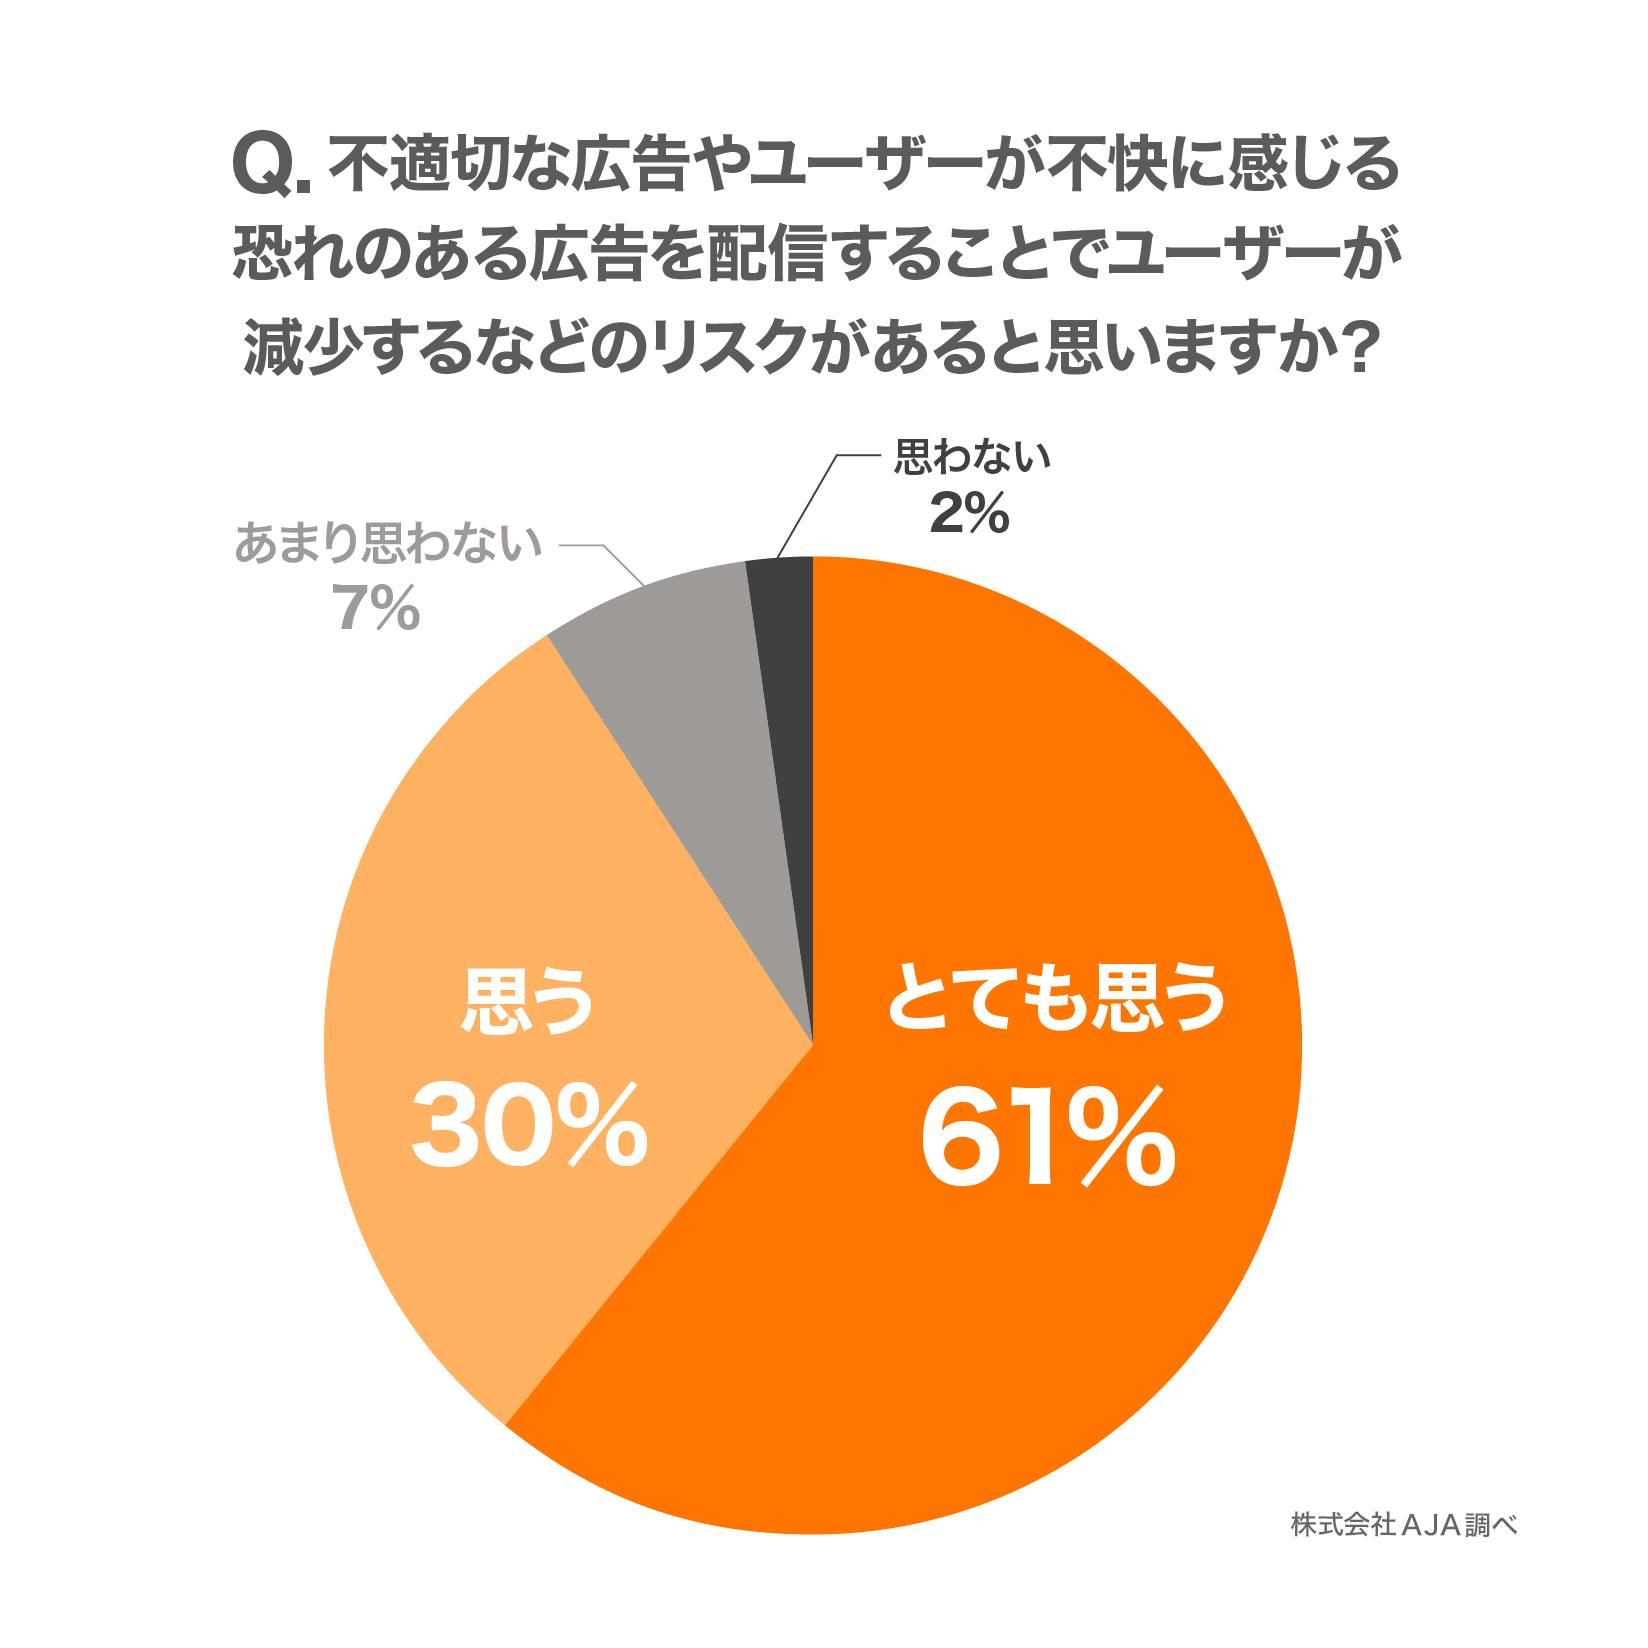 グラフ2:Q. 不適切な広告やユーザーが不快に感じる恐れのある広告を配信することでユーザーが減少するなどのリスクがあると思いますか?